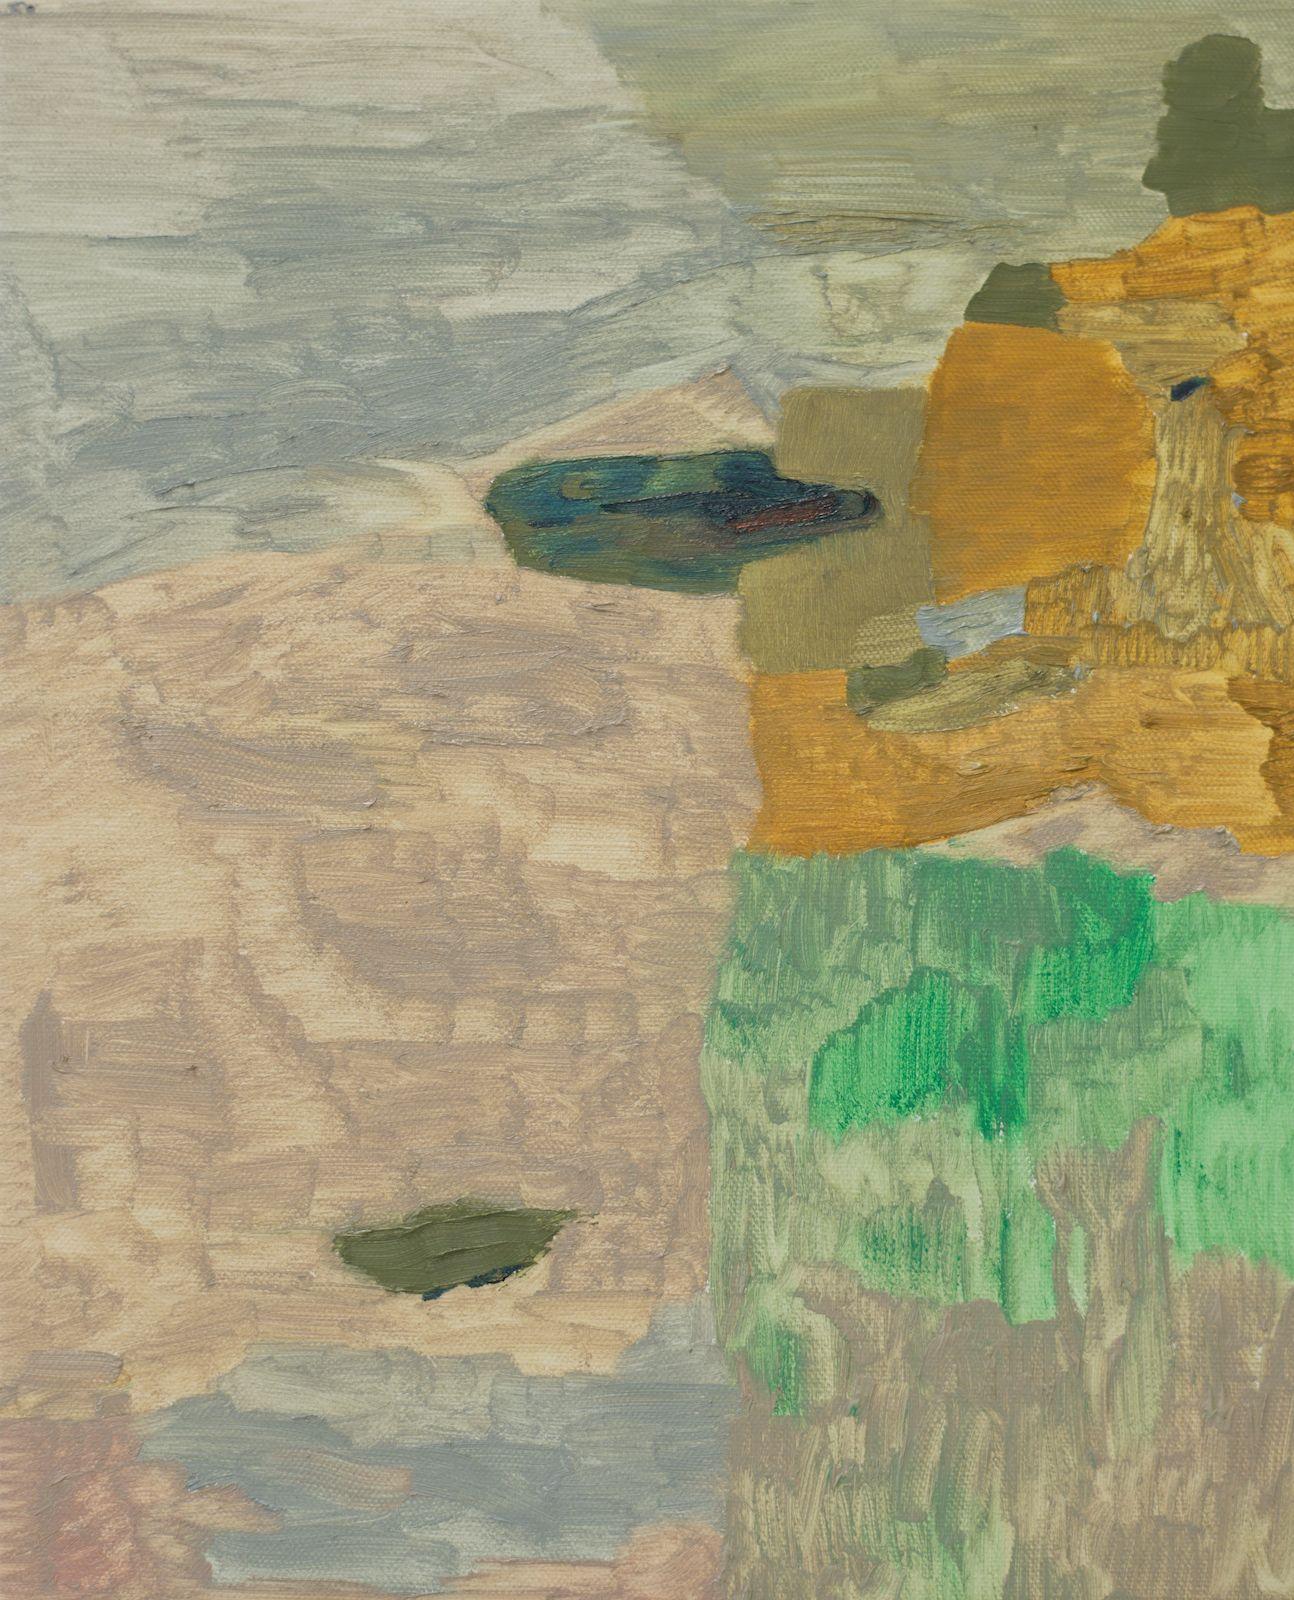 Meander V, 2015, oil on canvas, 50 x 40 cm